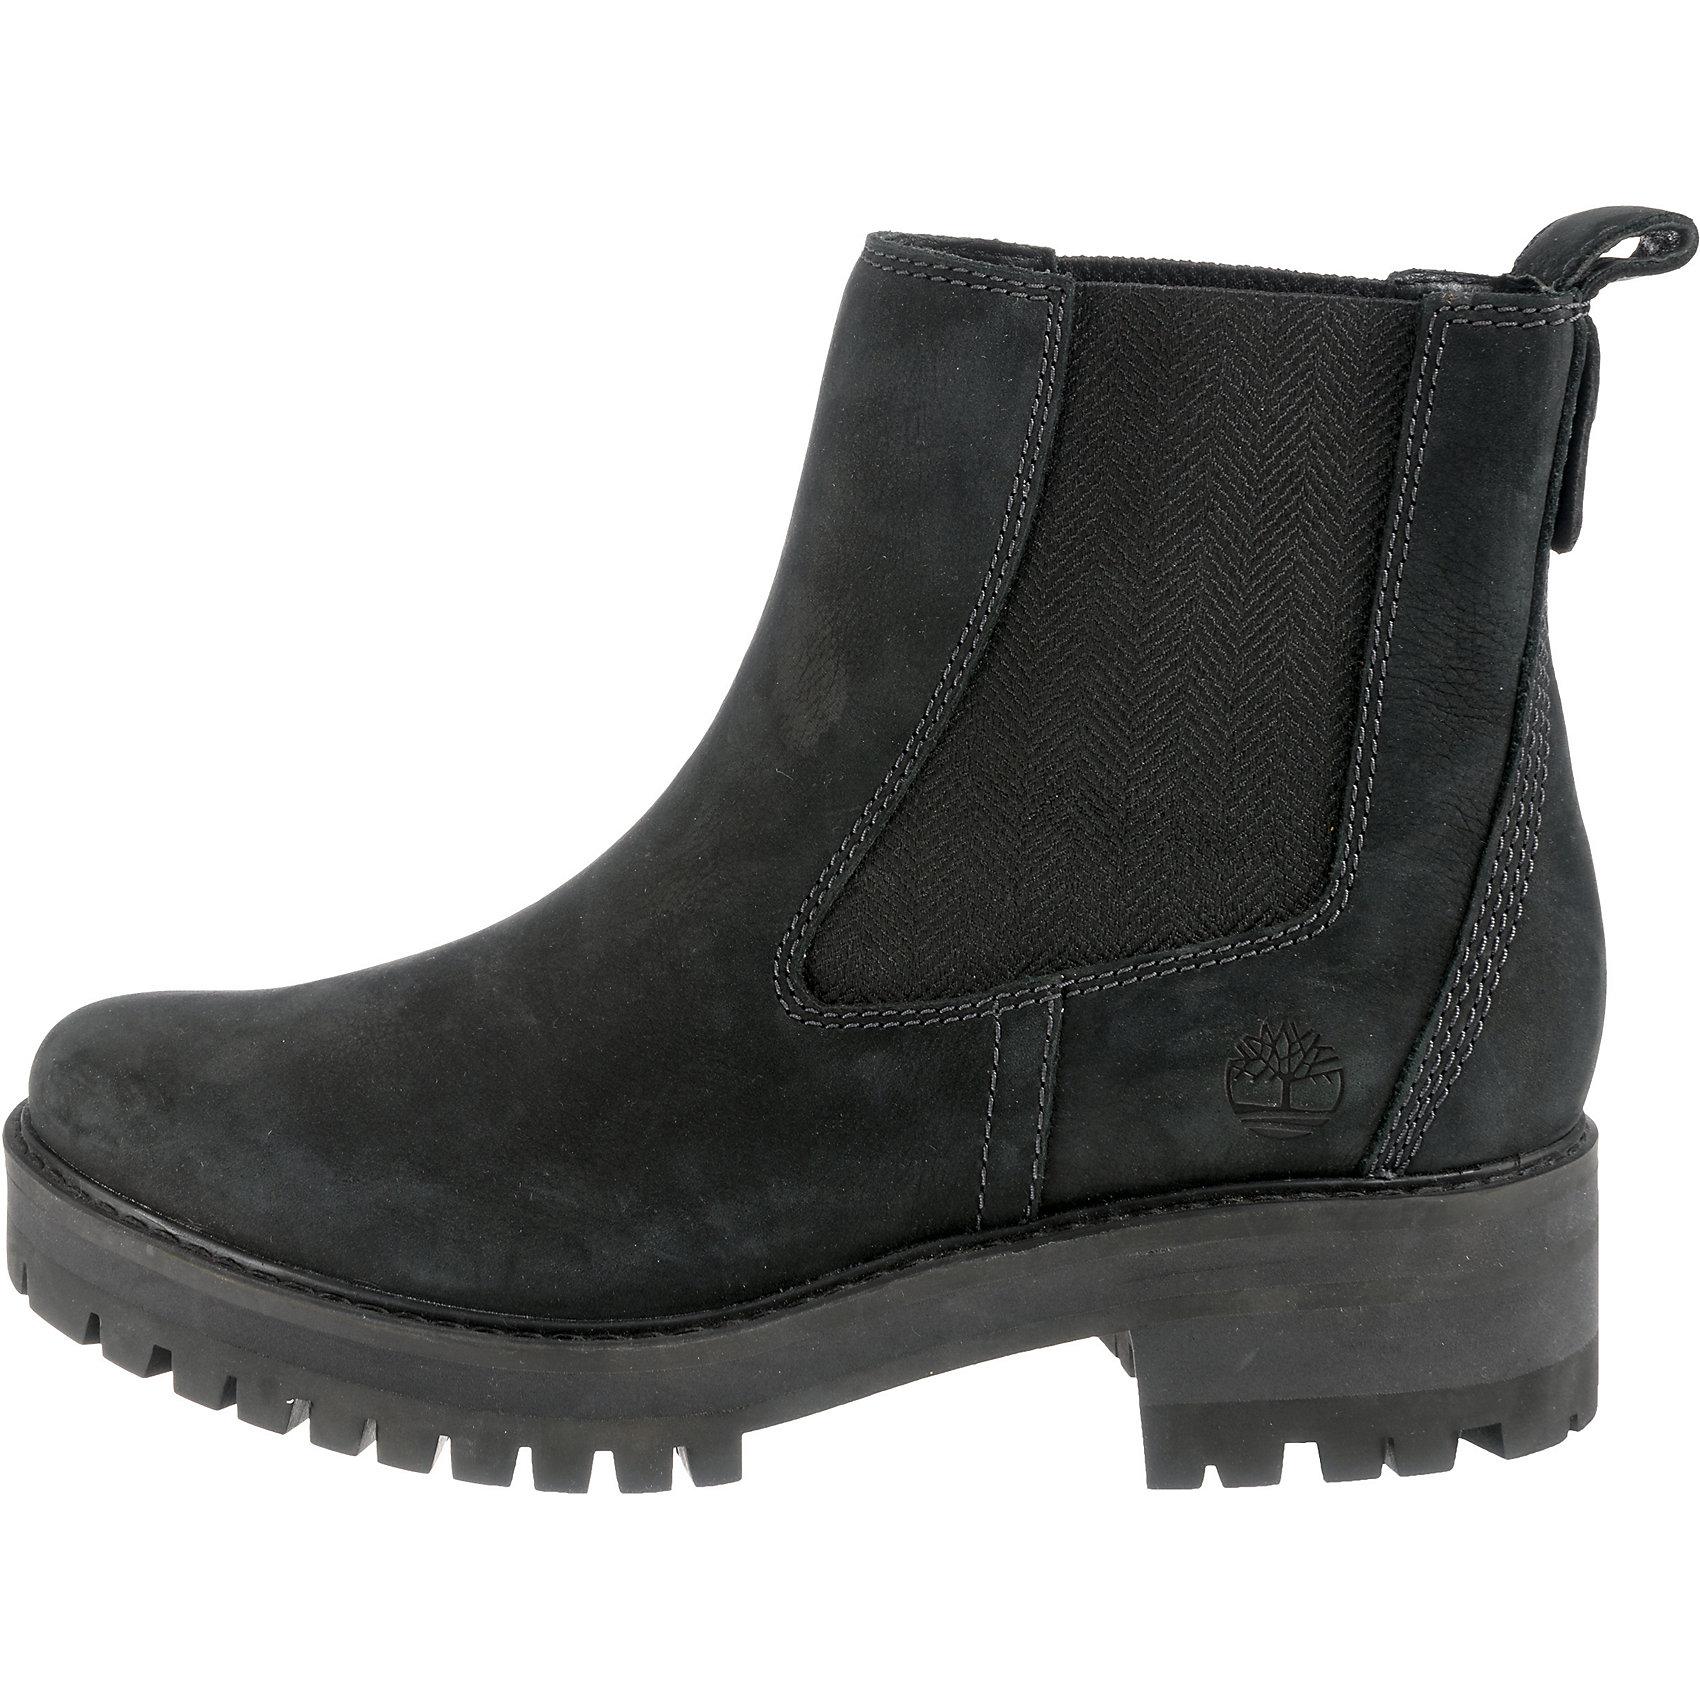 589fb3310c4c3c Neu Timberland A1J66 Chelsea Boots 5780616 für Damen schwarz